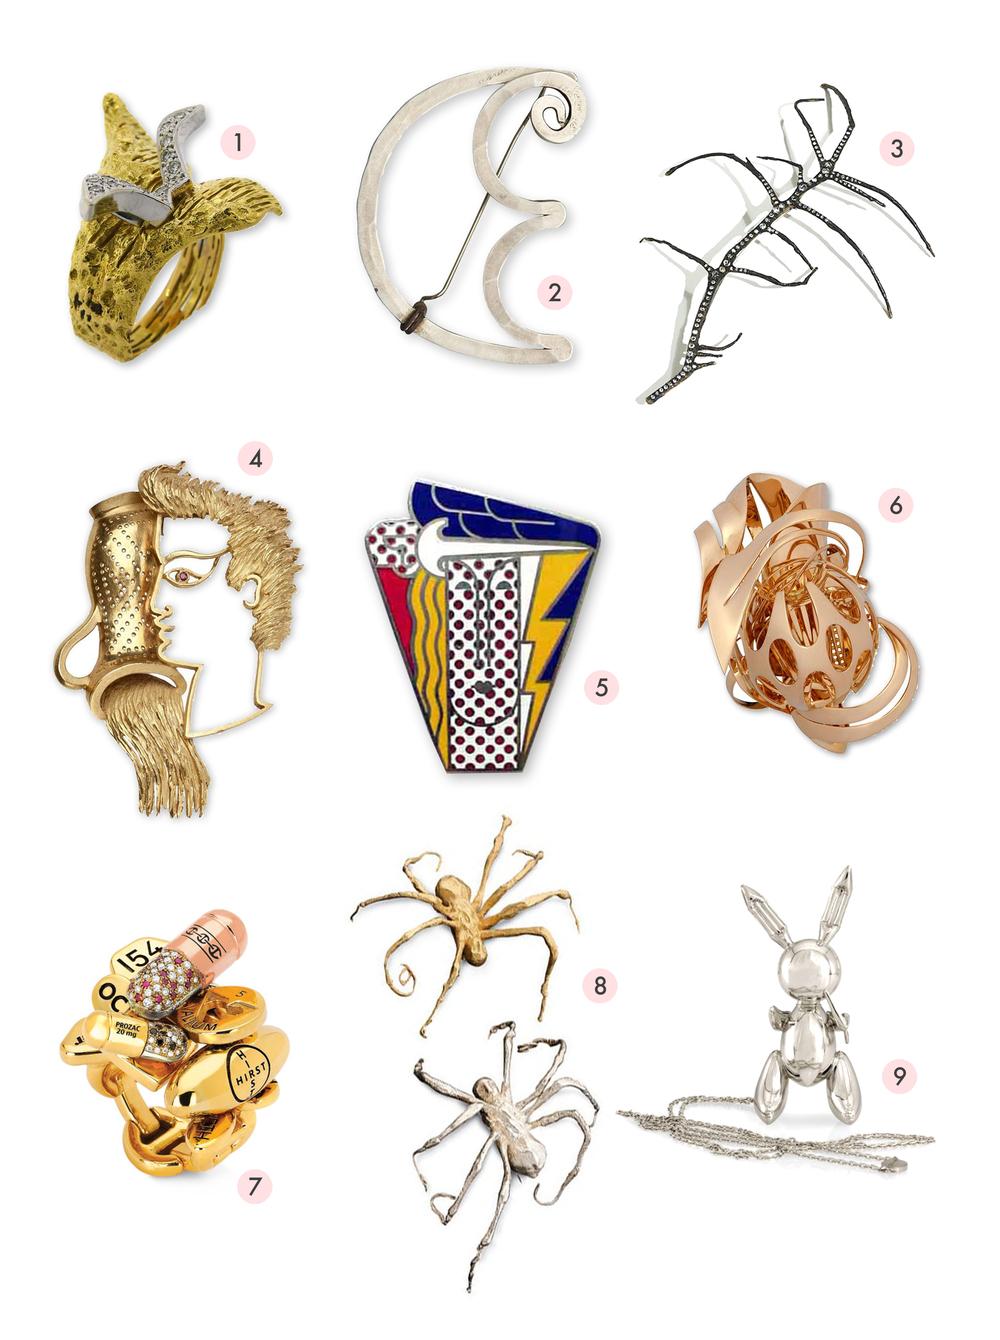 [1] George Braques (1960), [2] Alexander Calder (1957), [3] Michele Oka Doner (2006), [4] Jean Cocteau (1950); [5] Roy Lichtenstein (1968), [6] Frank Stella (2010), [7] Damien Hirst (200?), [8] Louise Bourgeois (1996), [9] Jeff Koons (2005).